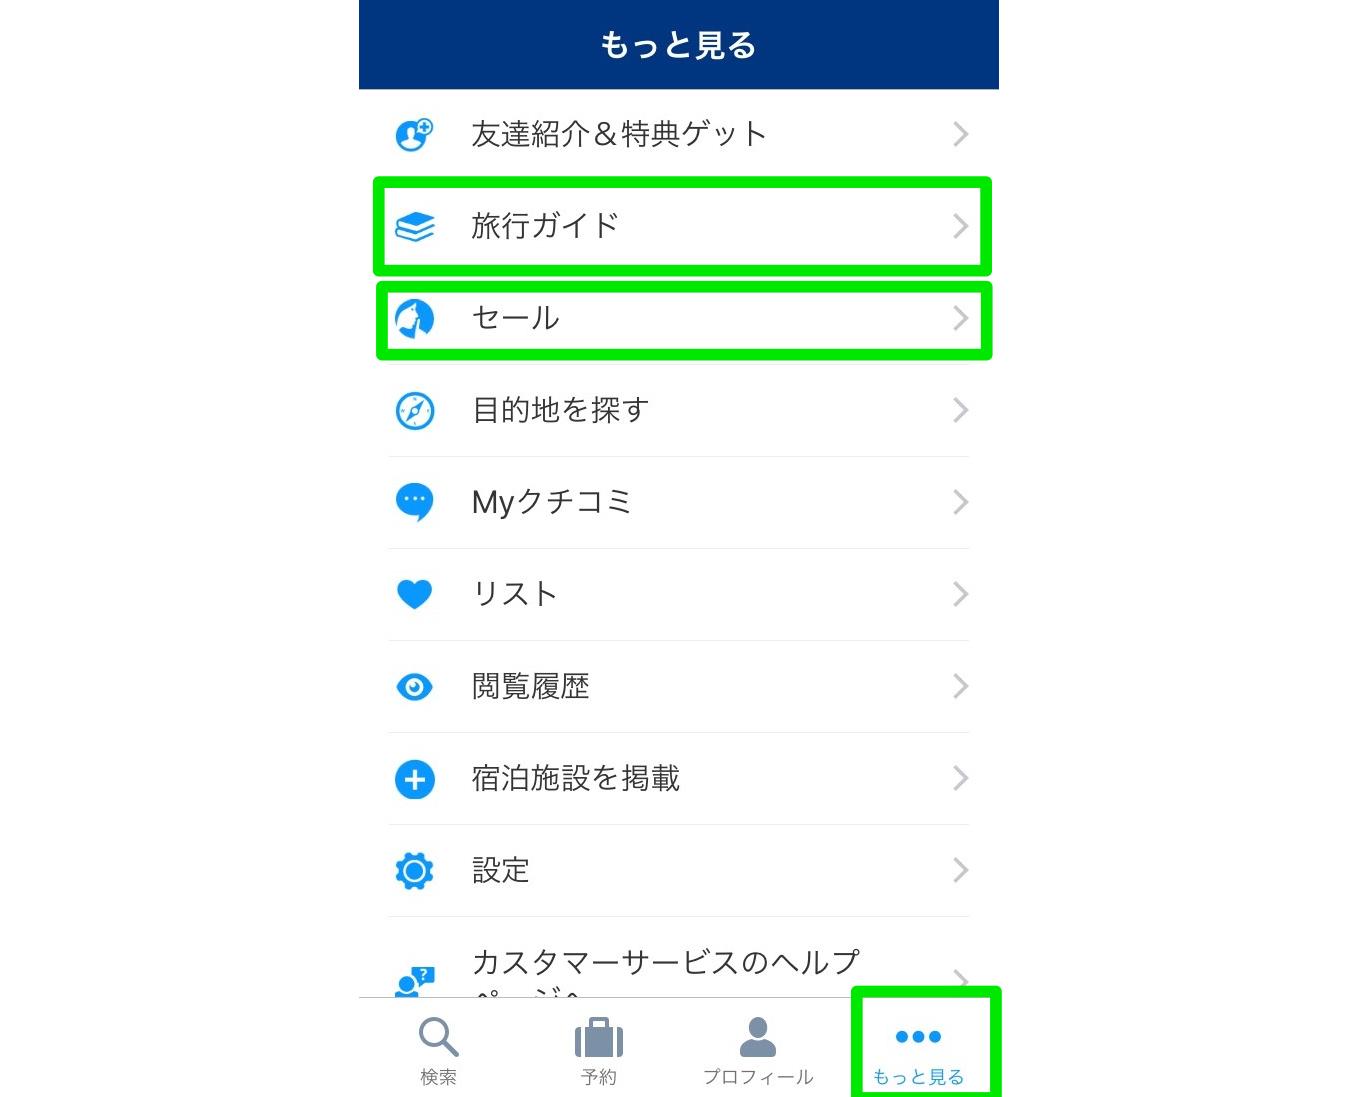 ブッキングドットコムのアプリのその他画面を開く